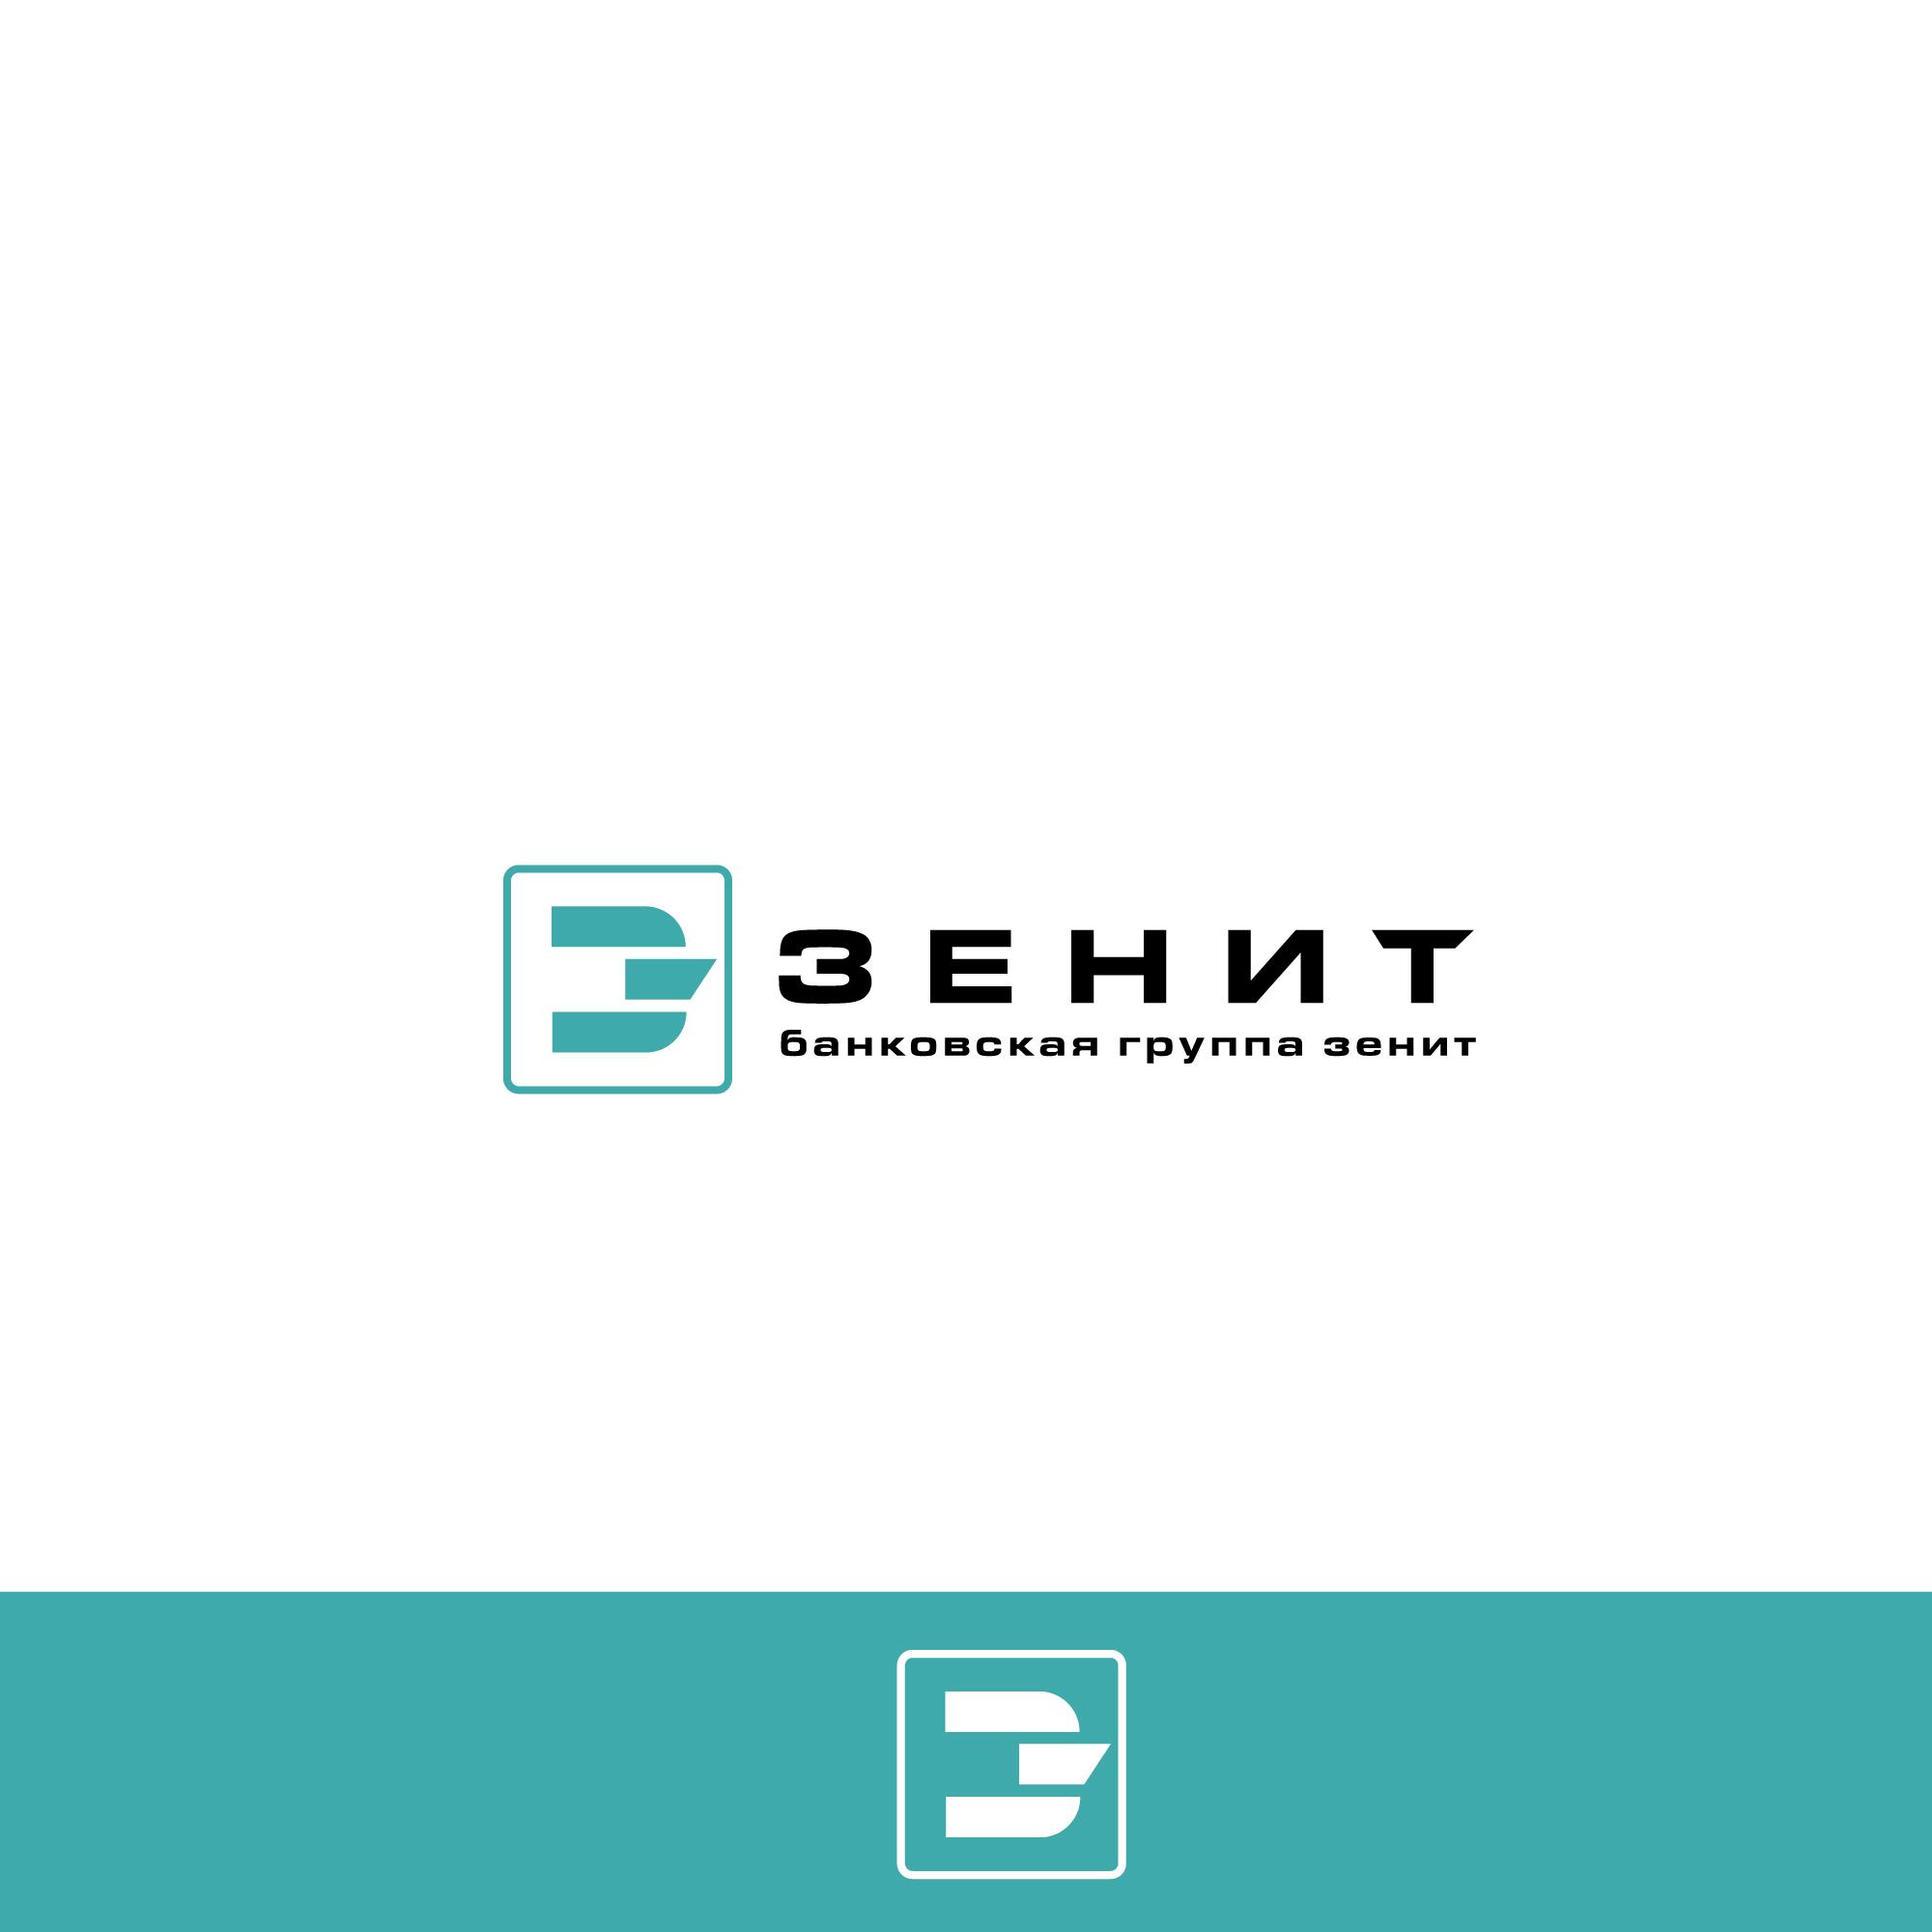 Разработка логотипа для Банка ЗЕНИТ фото f_9805b4a86ed00918.jpg